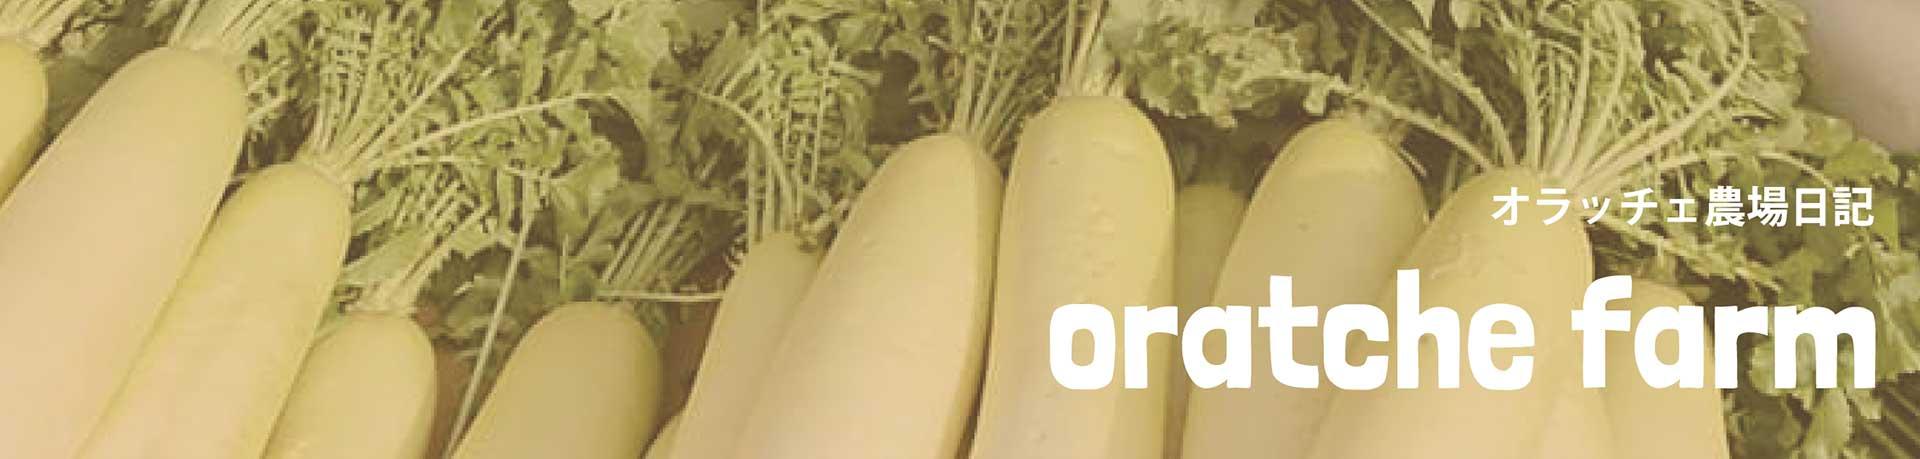 オラッチェ農場日記